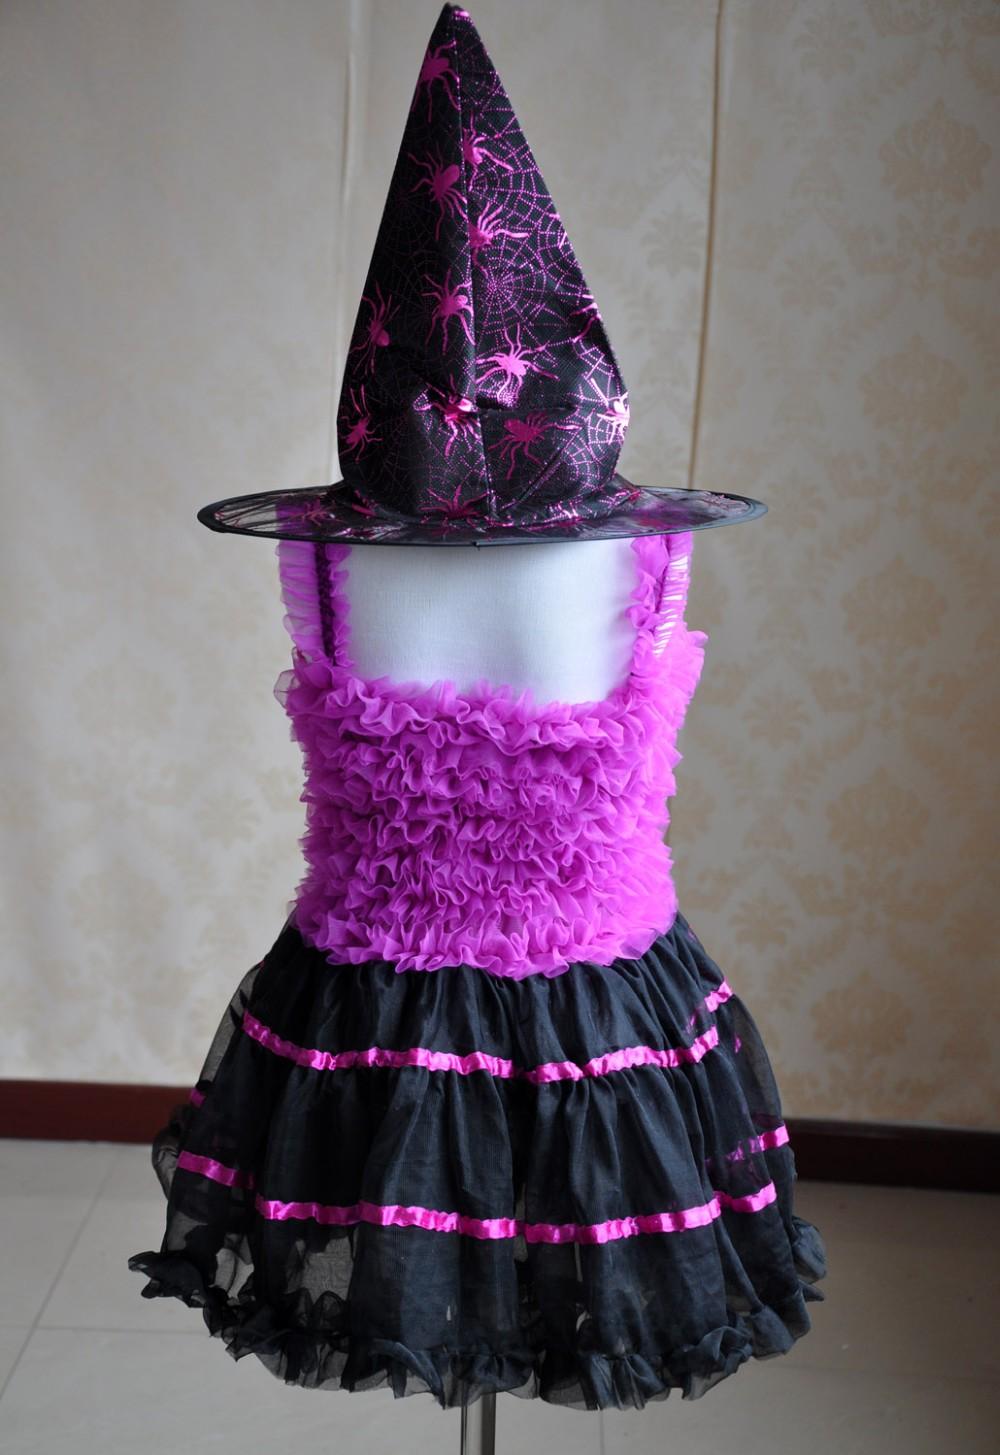 Скидки на Хэллоуин ведьмы костюмы дети маленькие девочки костюмы (шляпу включен)